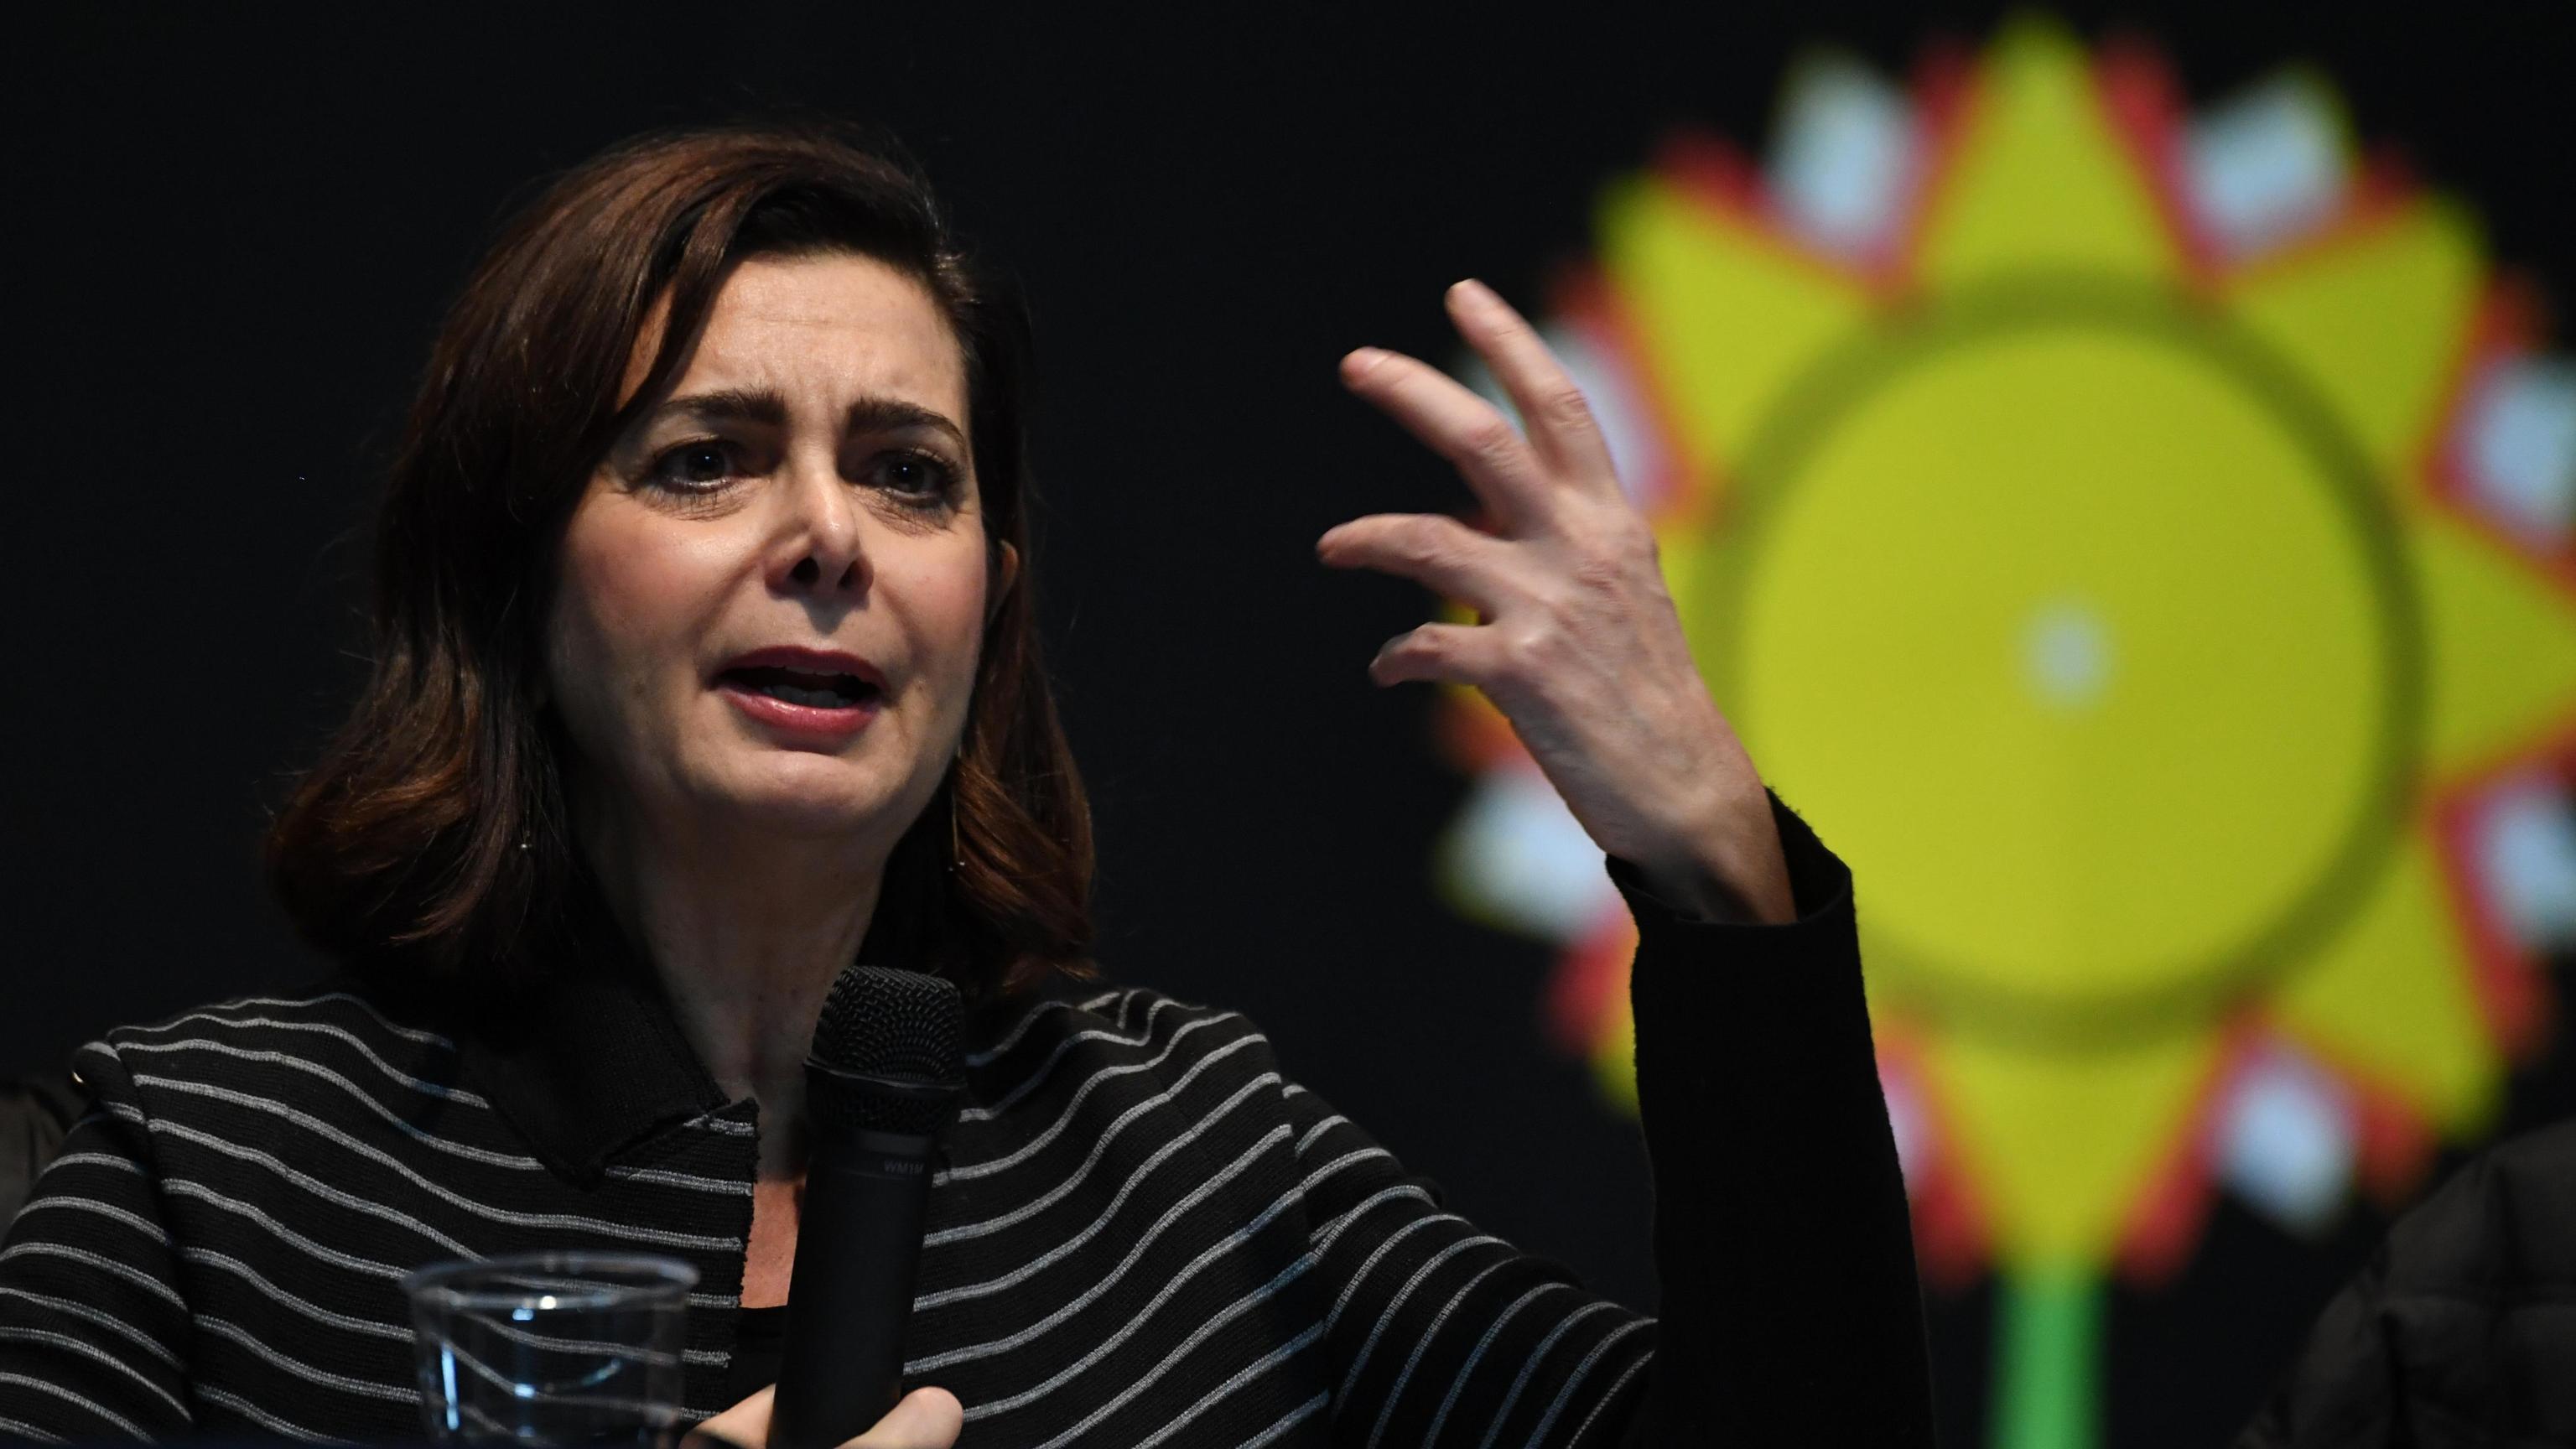 Boldrini, D'Alema? Disincentiva voto